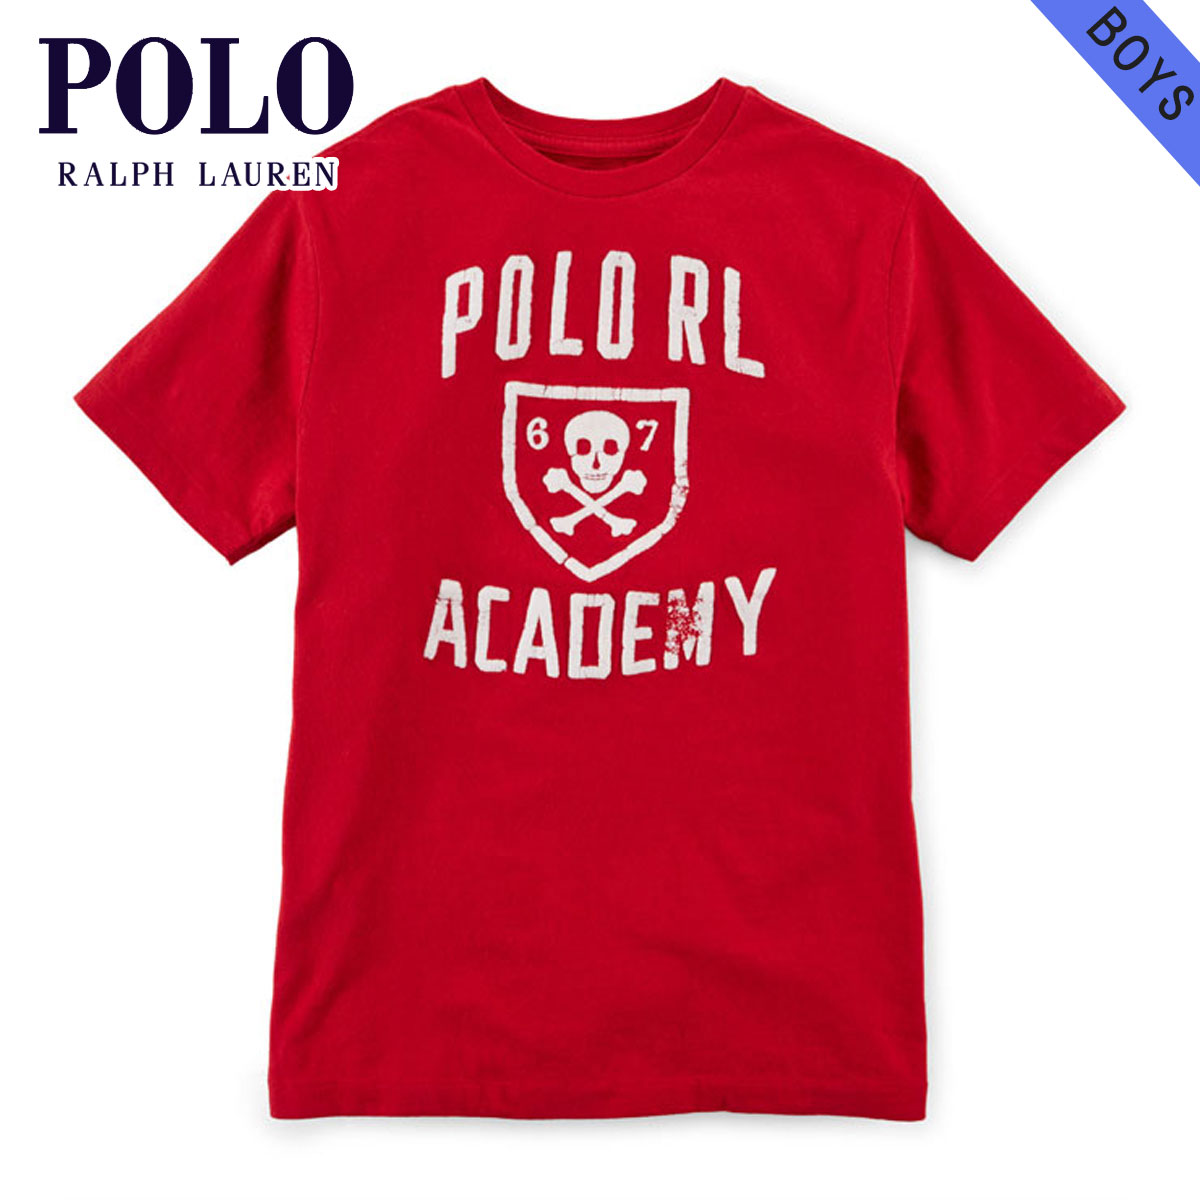 ポロ ラルフローレン キッズ POLO RALPH LAUREN CHILDREN 正規品 子供服 ボーイズ 半袖Tシャツ COTTON GRAPHIC TEE 65353246 D20S30